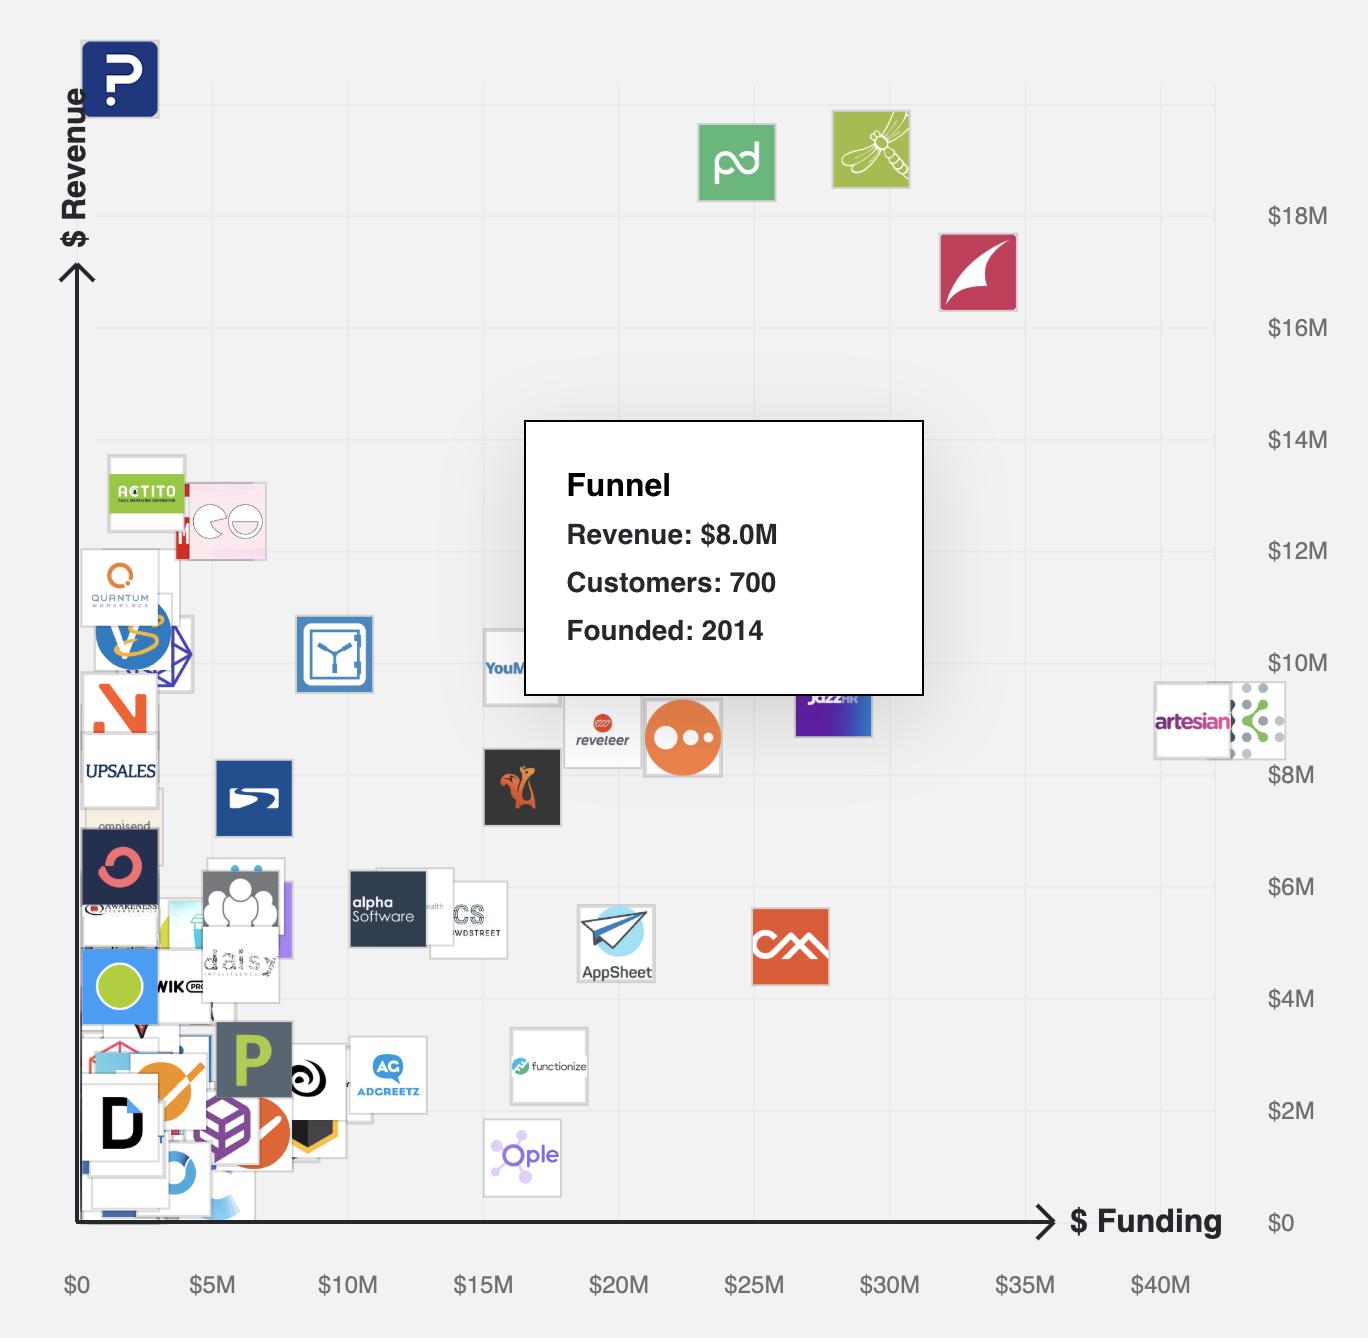 Funnel.io revenue, customers, funding graph